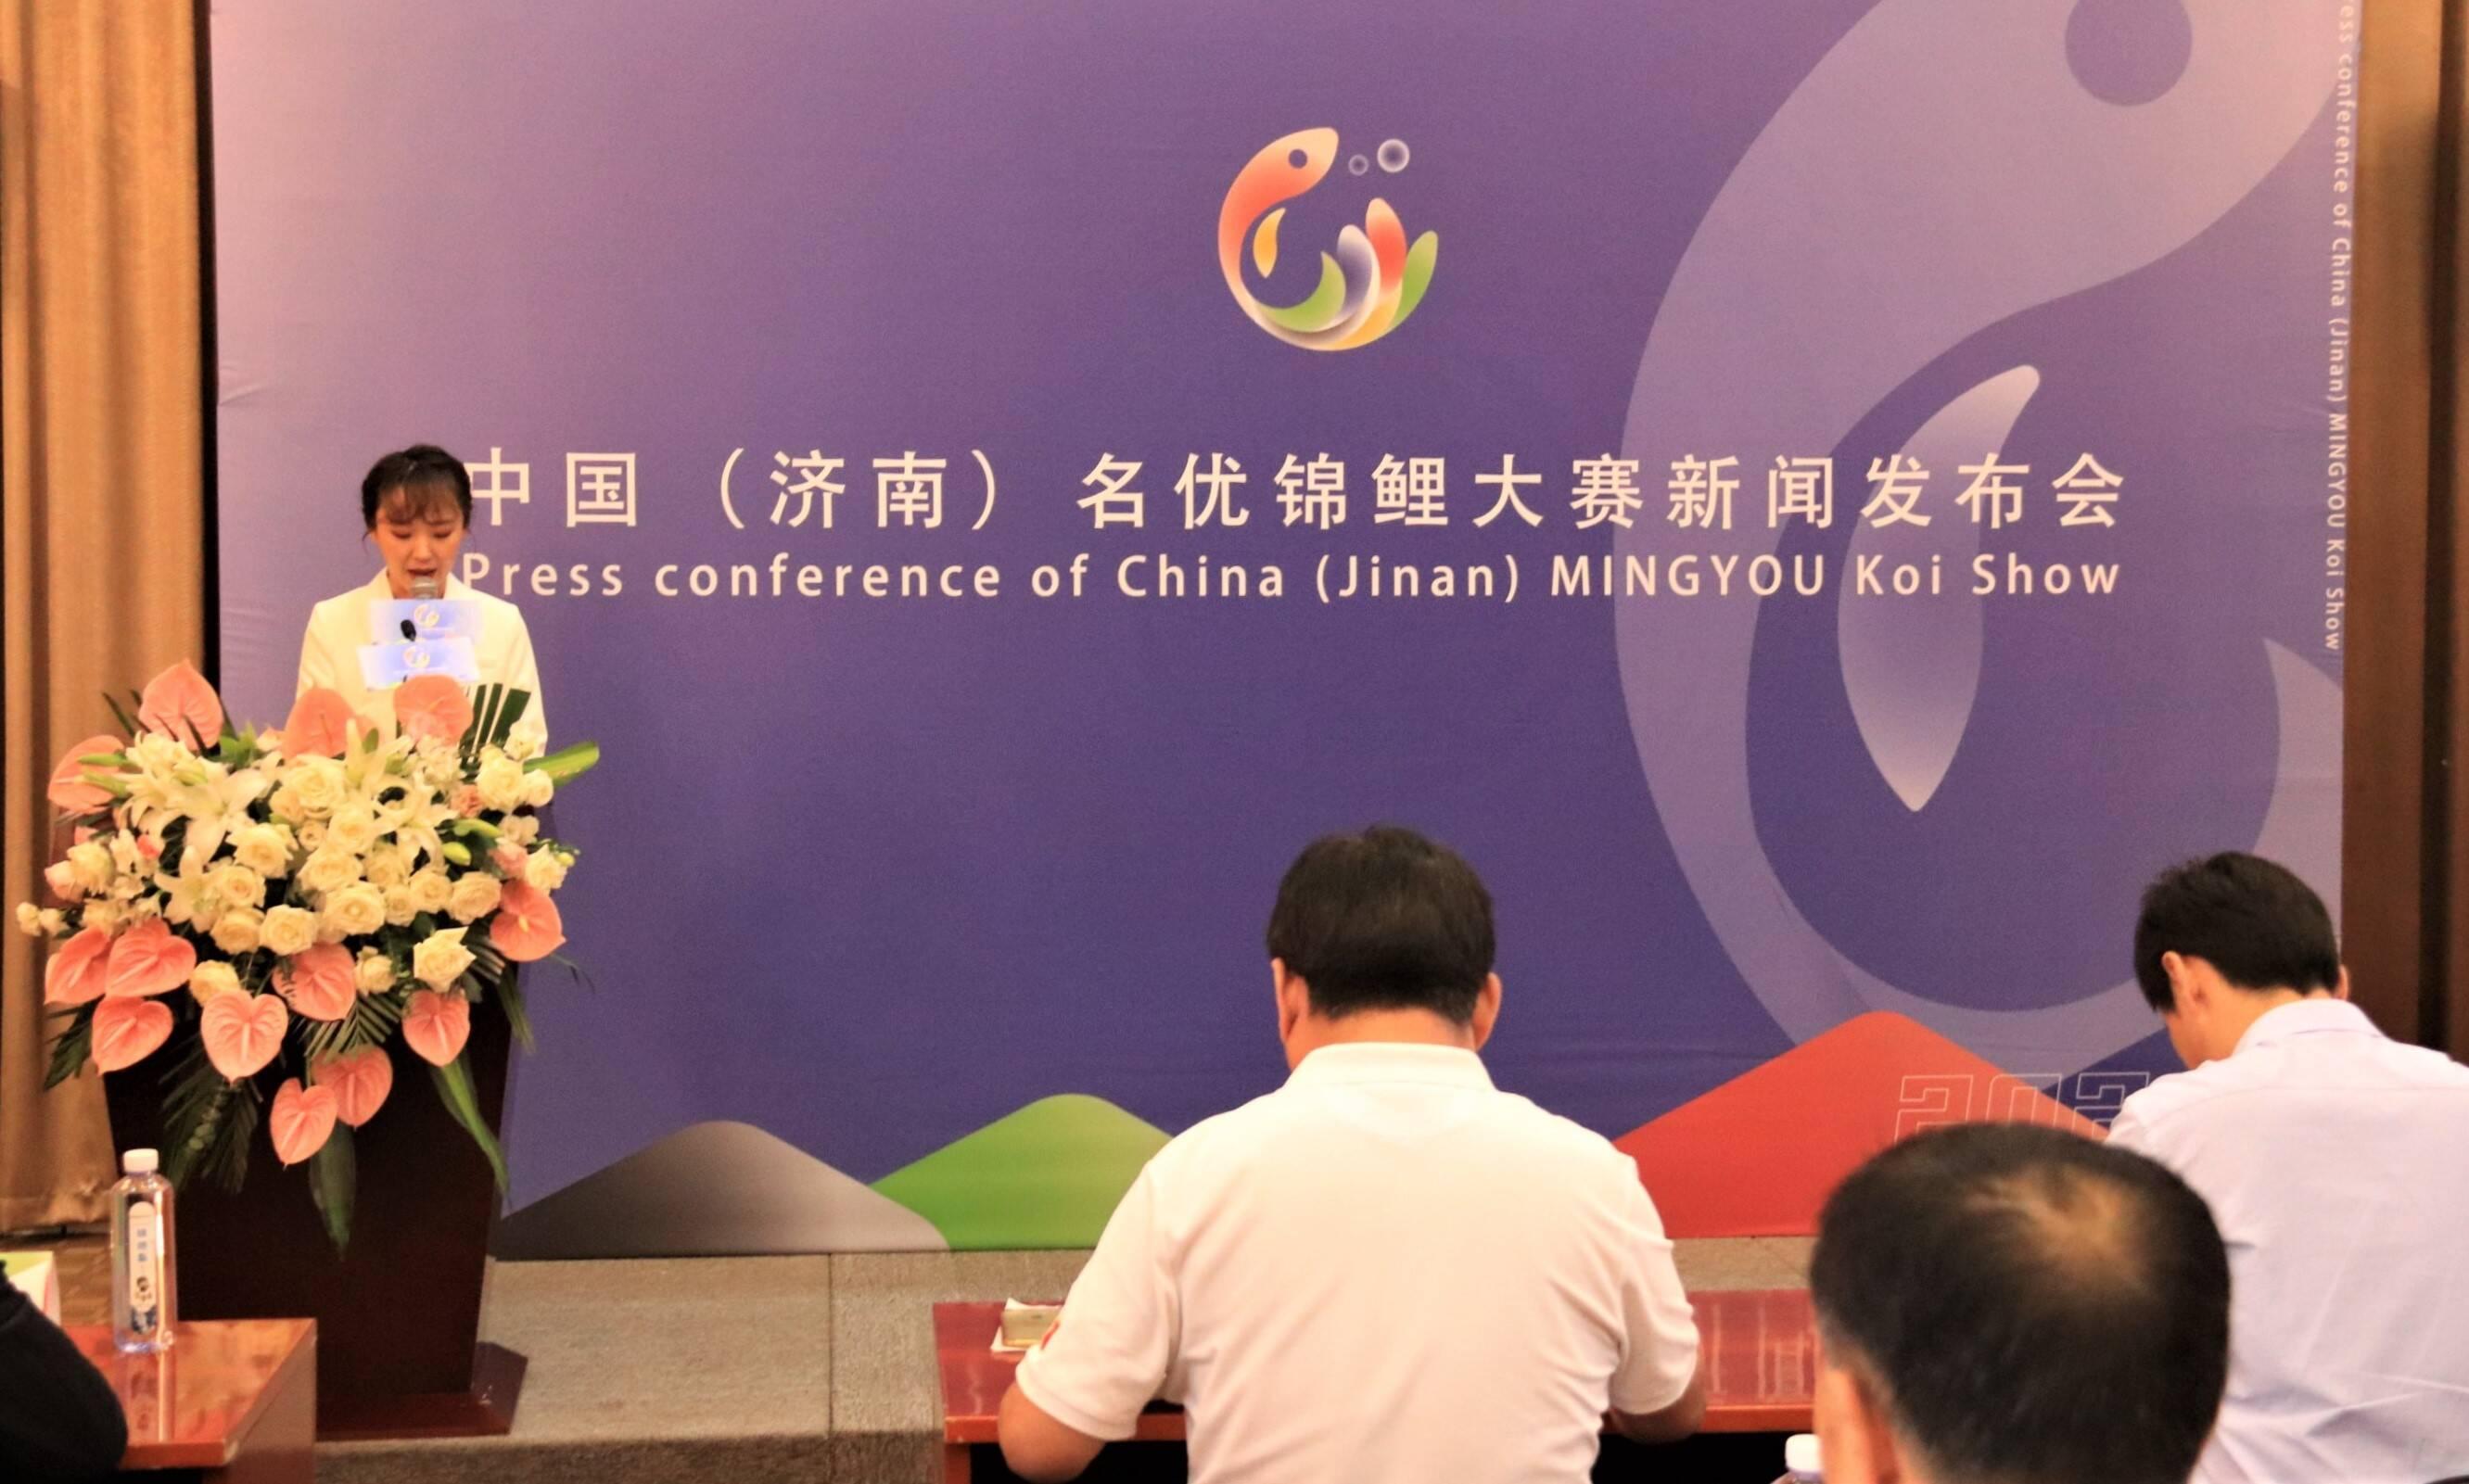 小锦鲤游出大产业 首届中国(济南)名优锦鲤大赛10月中旬在济举行